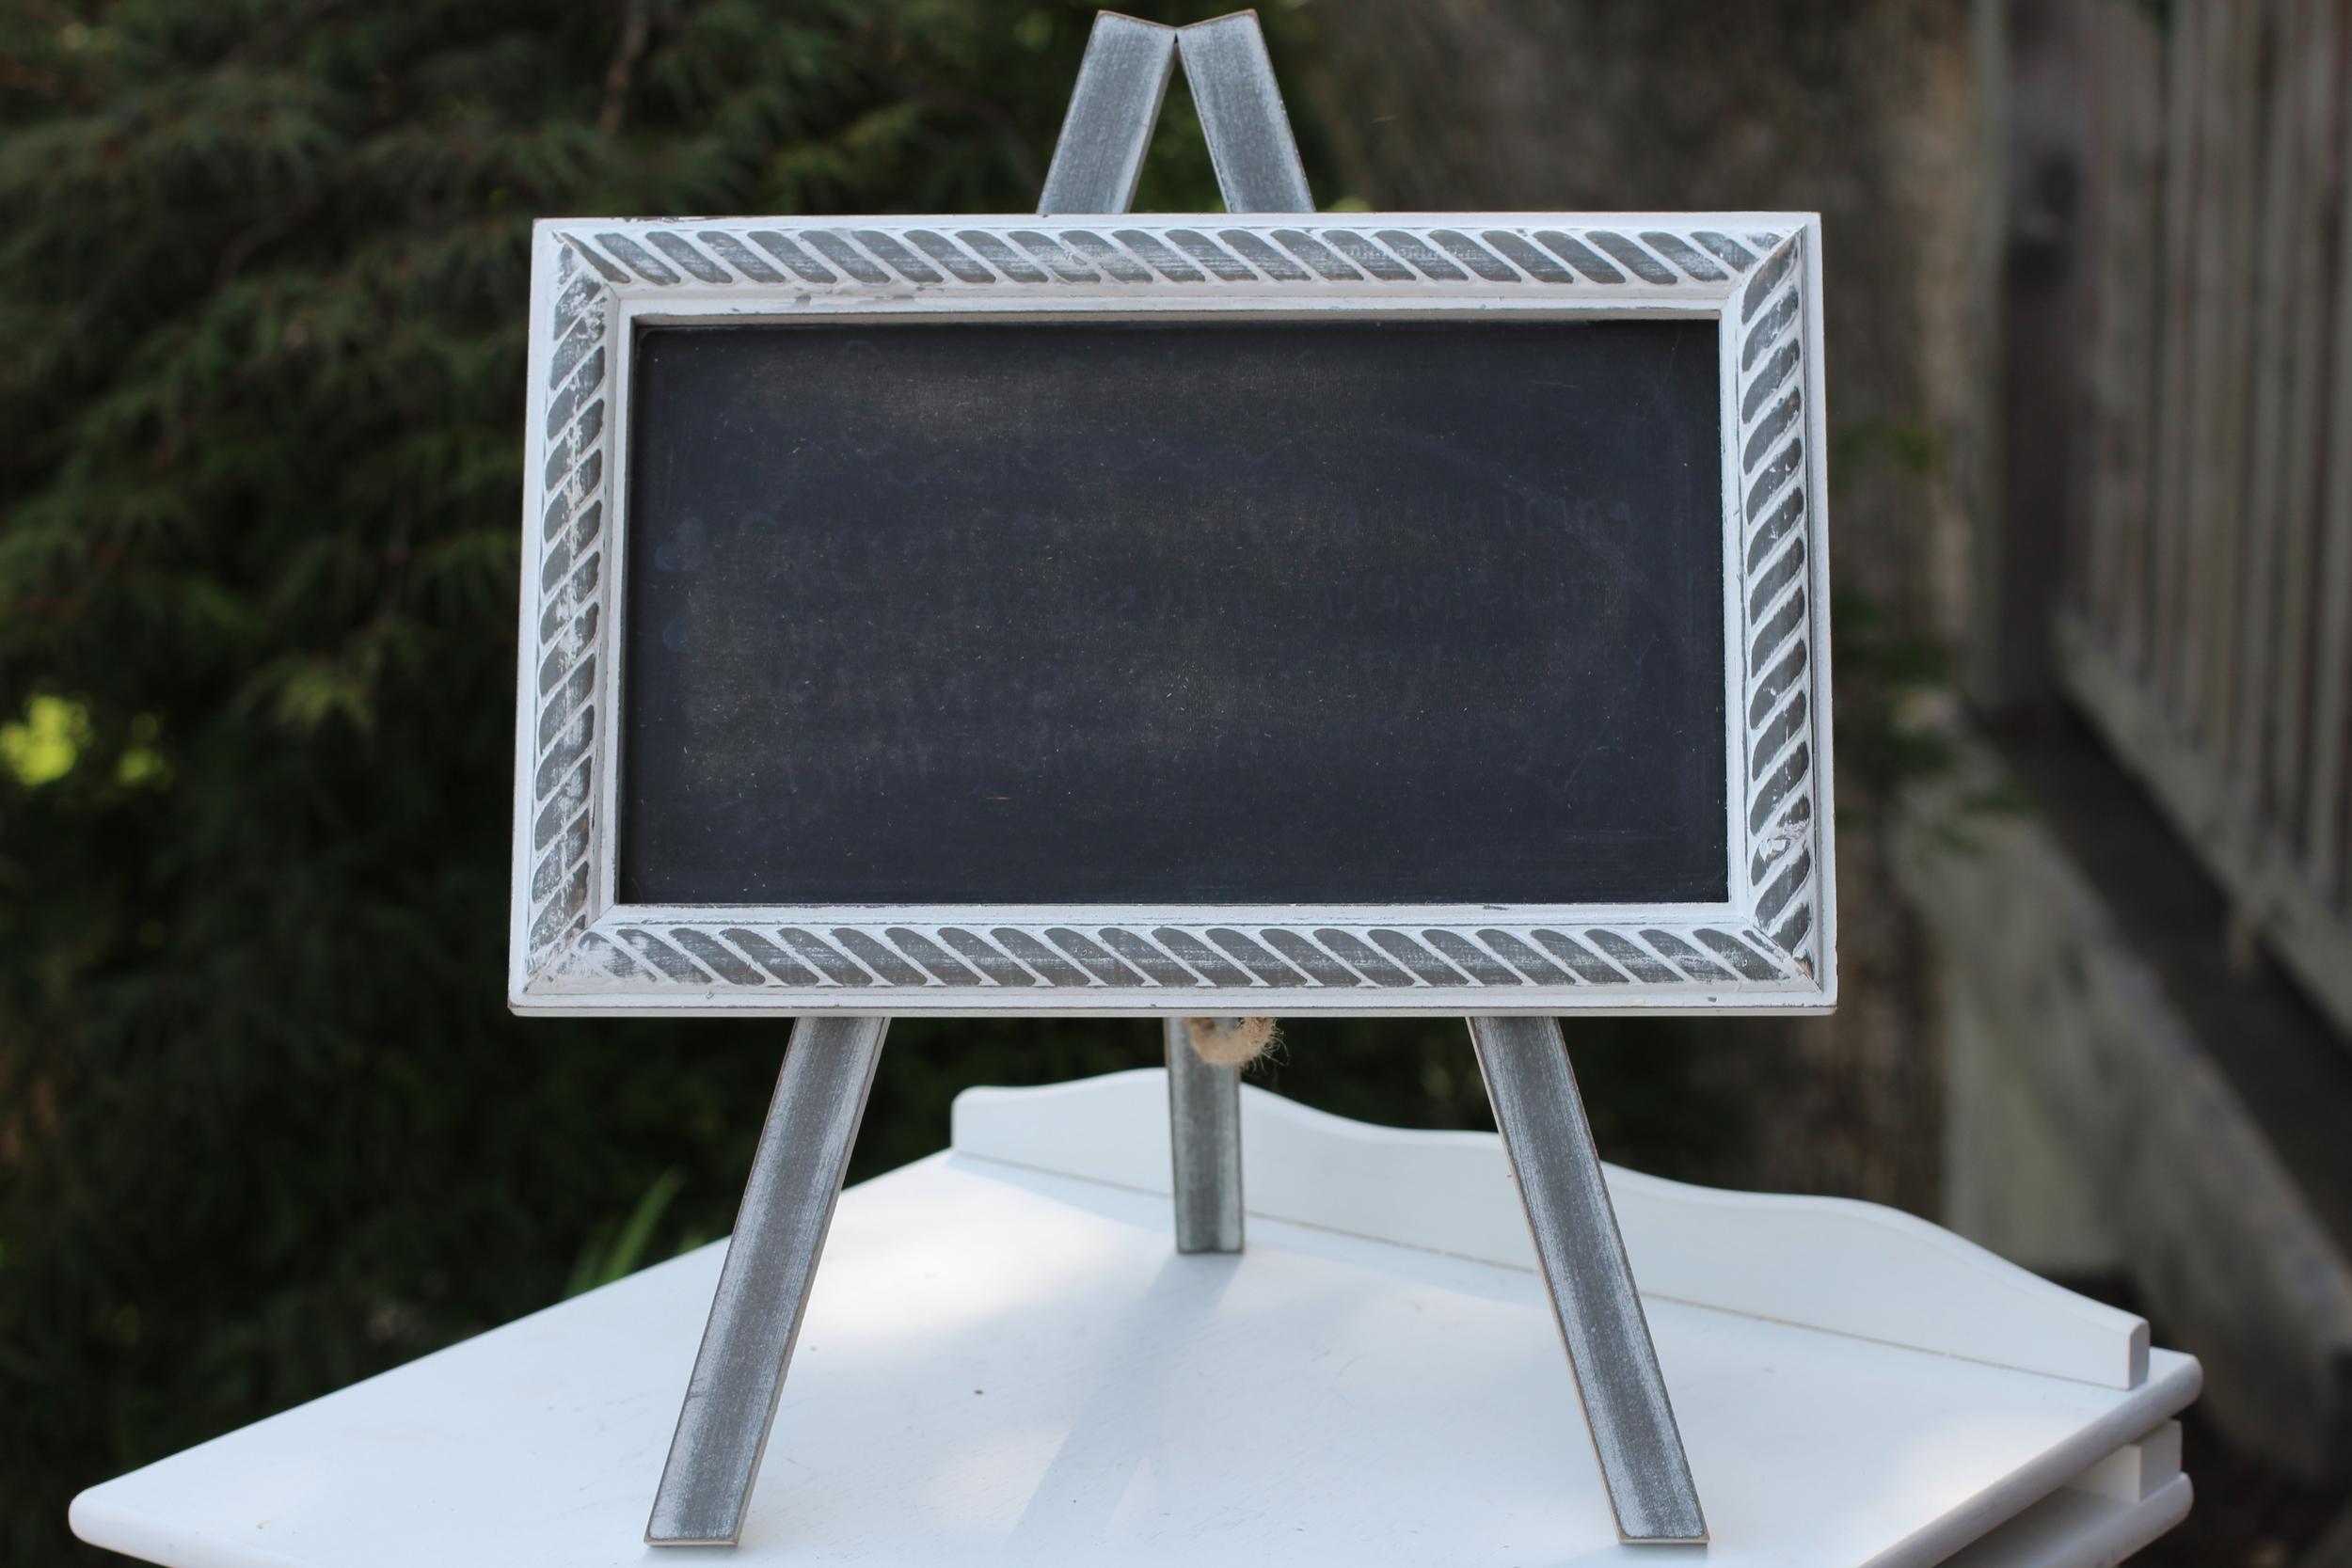 #114 - Small Chalkboard Signs (Qty 3)